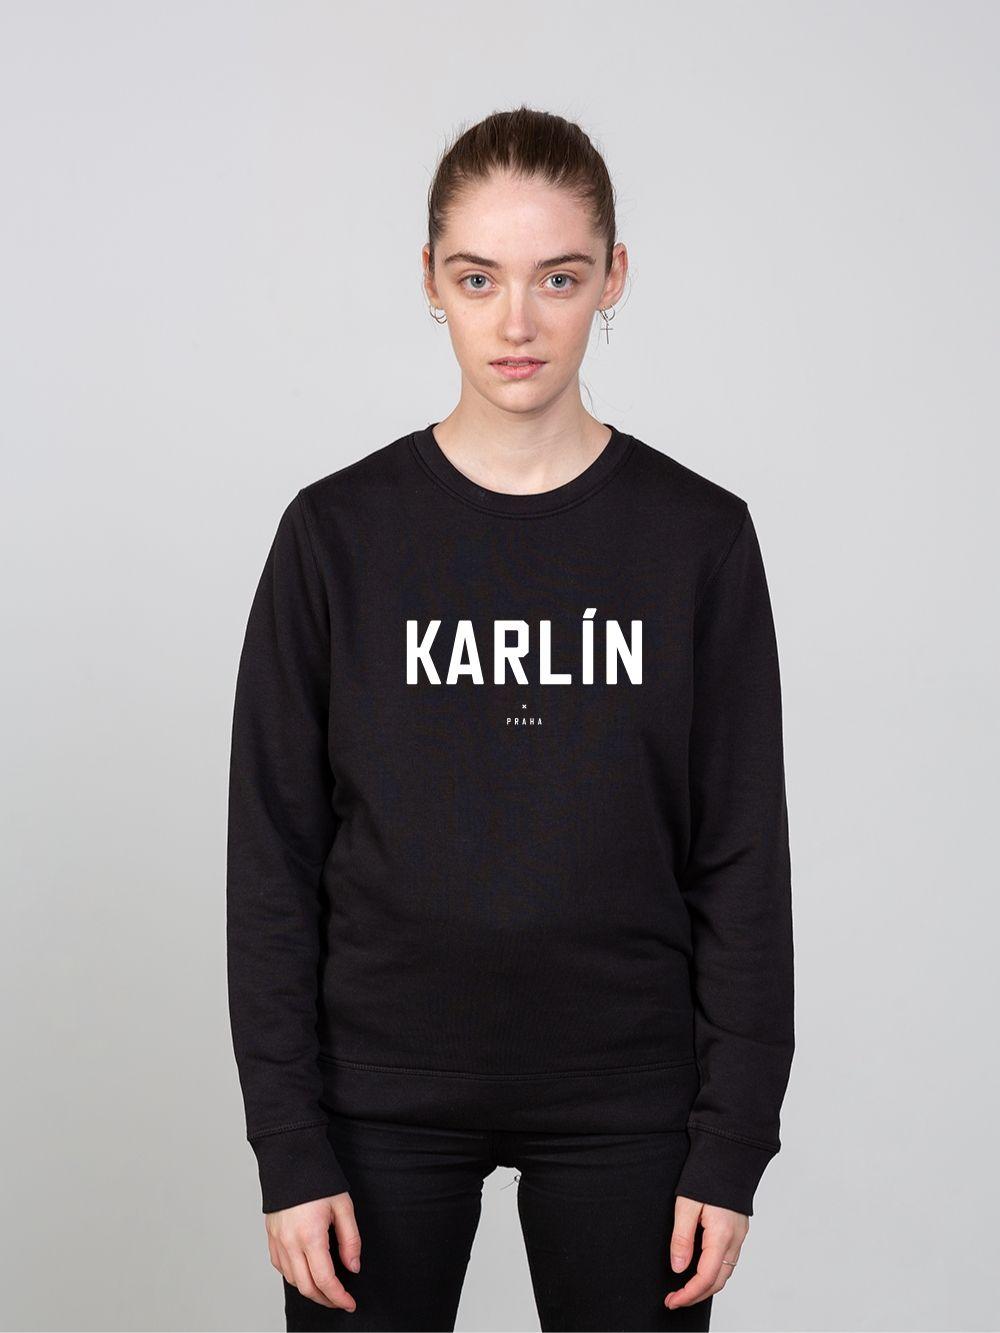 Karlín